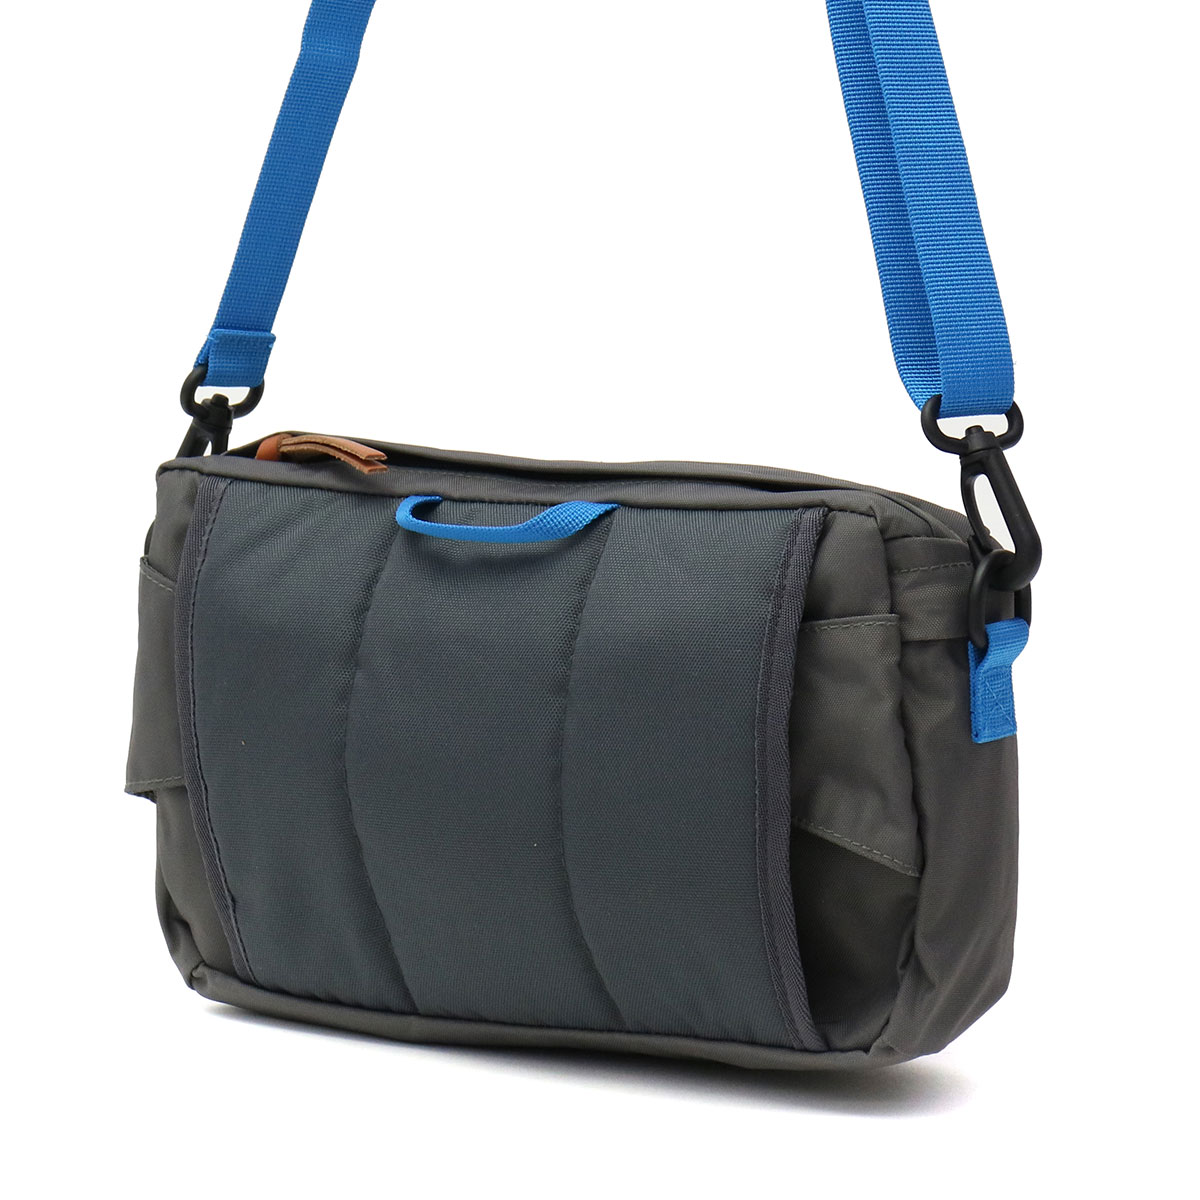 karrimor 2WAY VT hip bag CL waist bag body bag shoulder bag men s ladies 693 3b13390df1d25